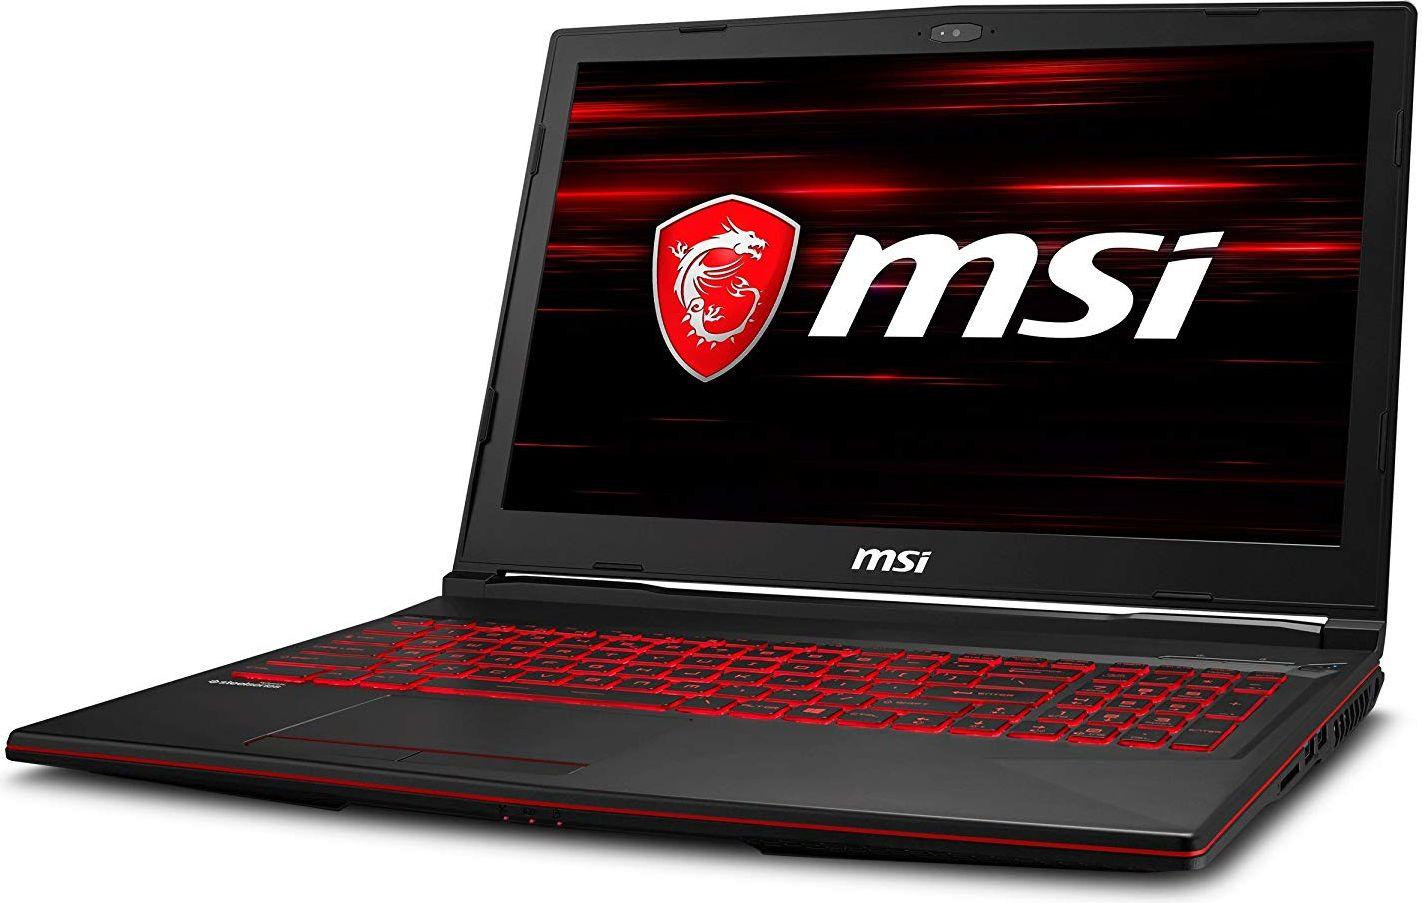 Игровой ноутбук MSI GL63 8SC 9S7-16P812-018, черный